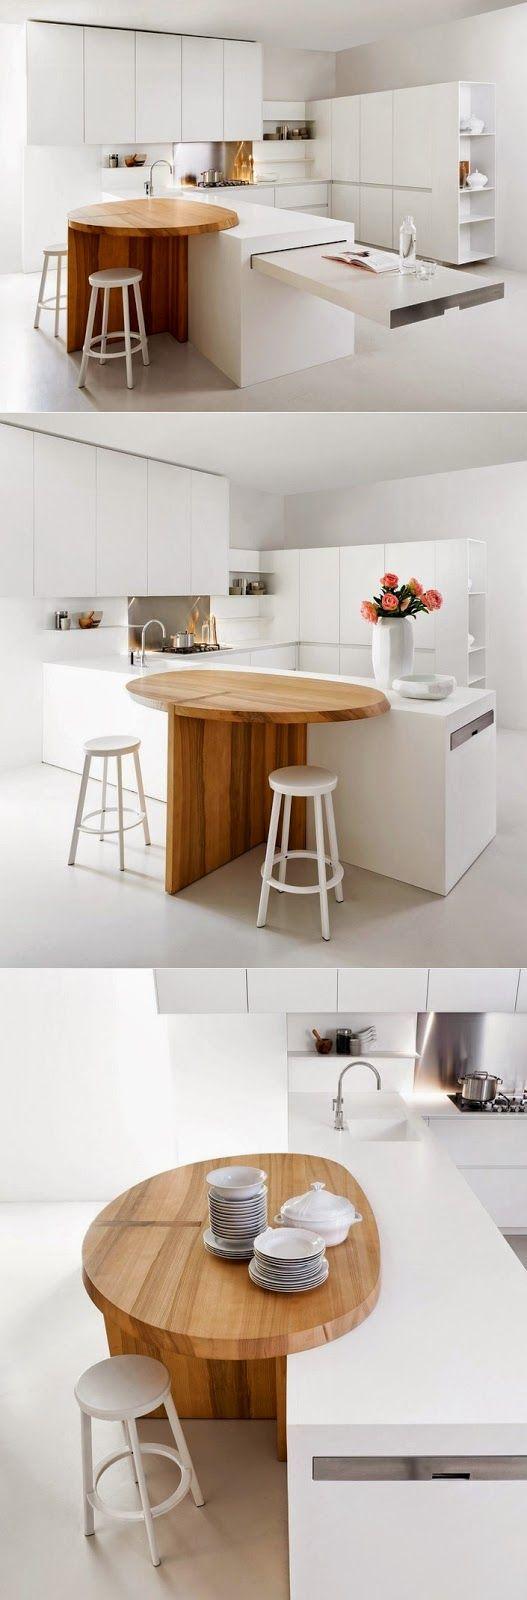 Cool Die besten Ikea k chenplaner online Ideen auf Pinterest Ikea neuss Gefrierschrank mit eisw rfelbereiter und Moderne glaskronleuchter